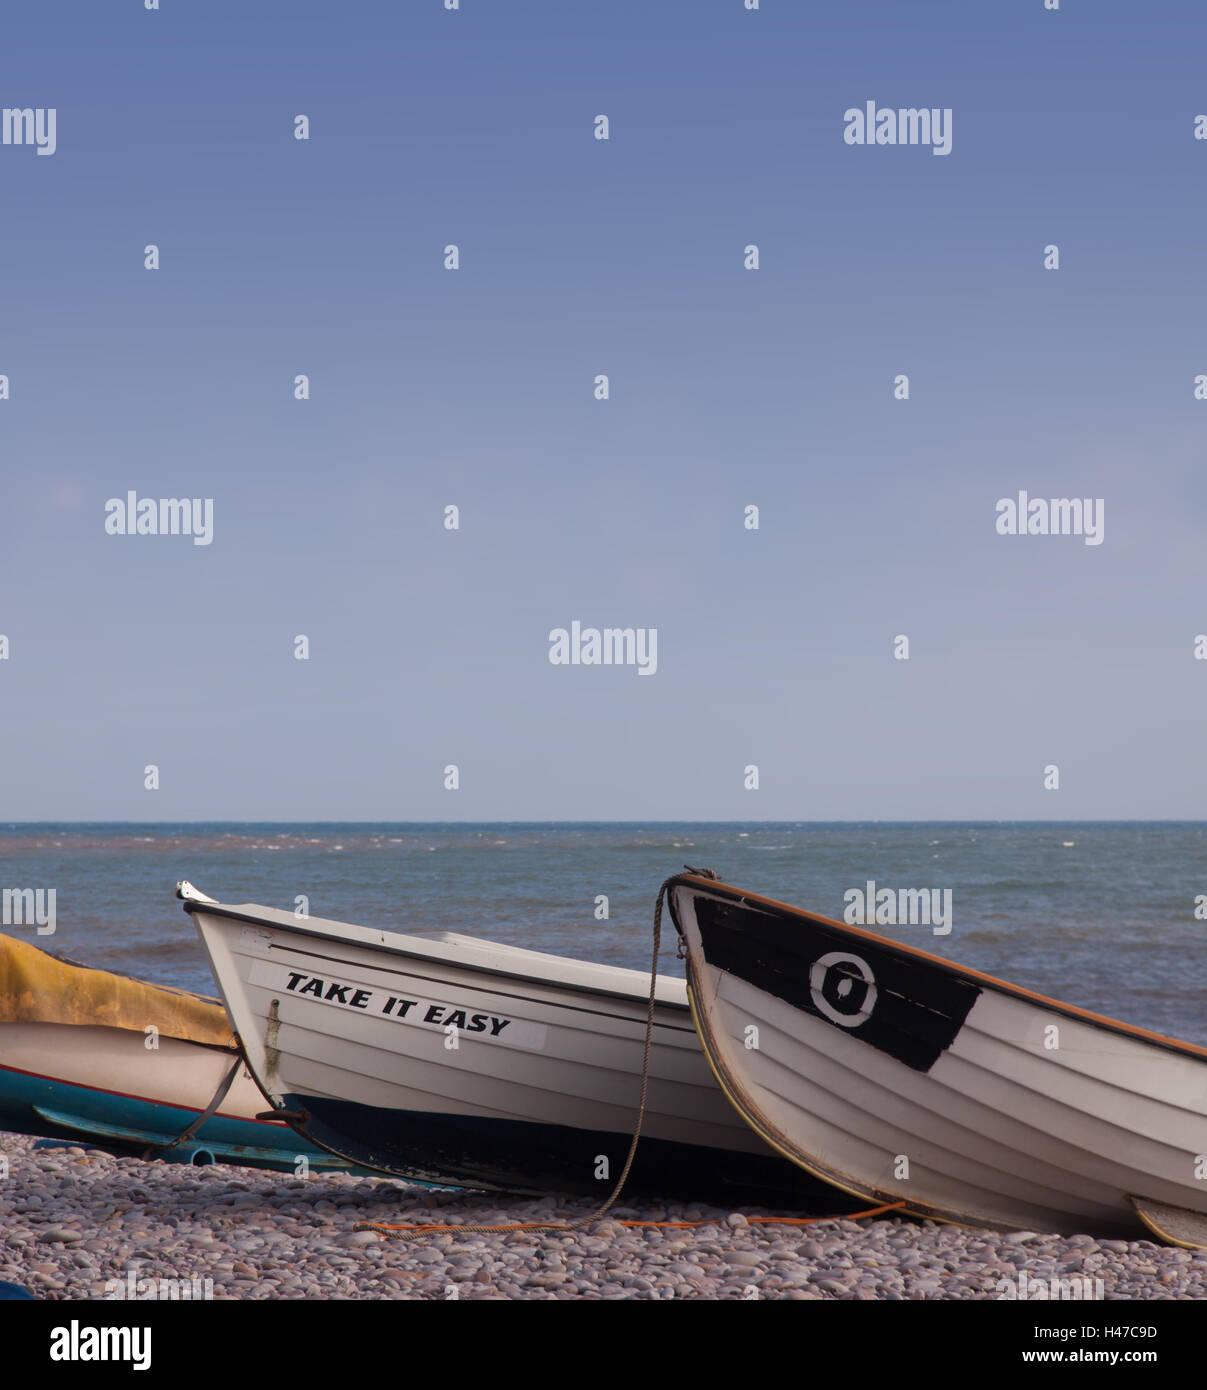 Nehmen Sie es einfach, kleines Boot am Strand von Budleigh Salterton. Stockbild